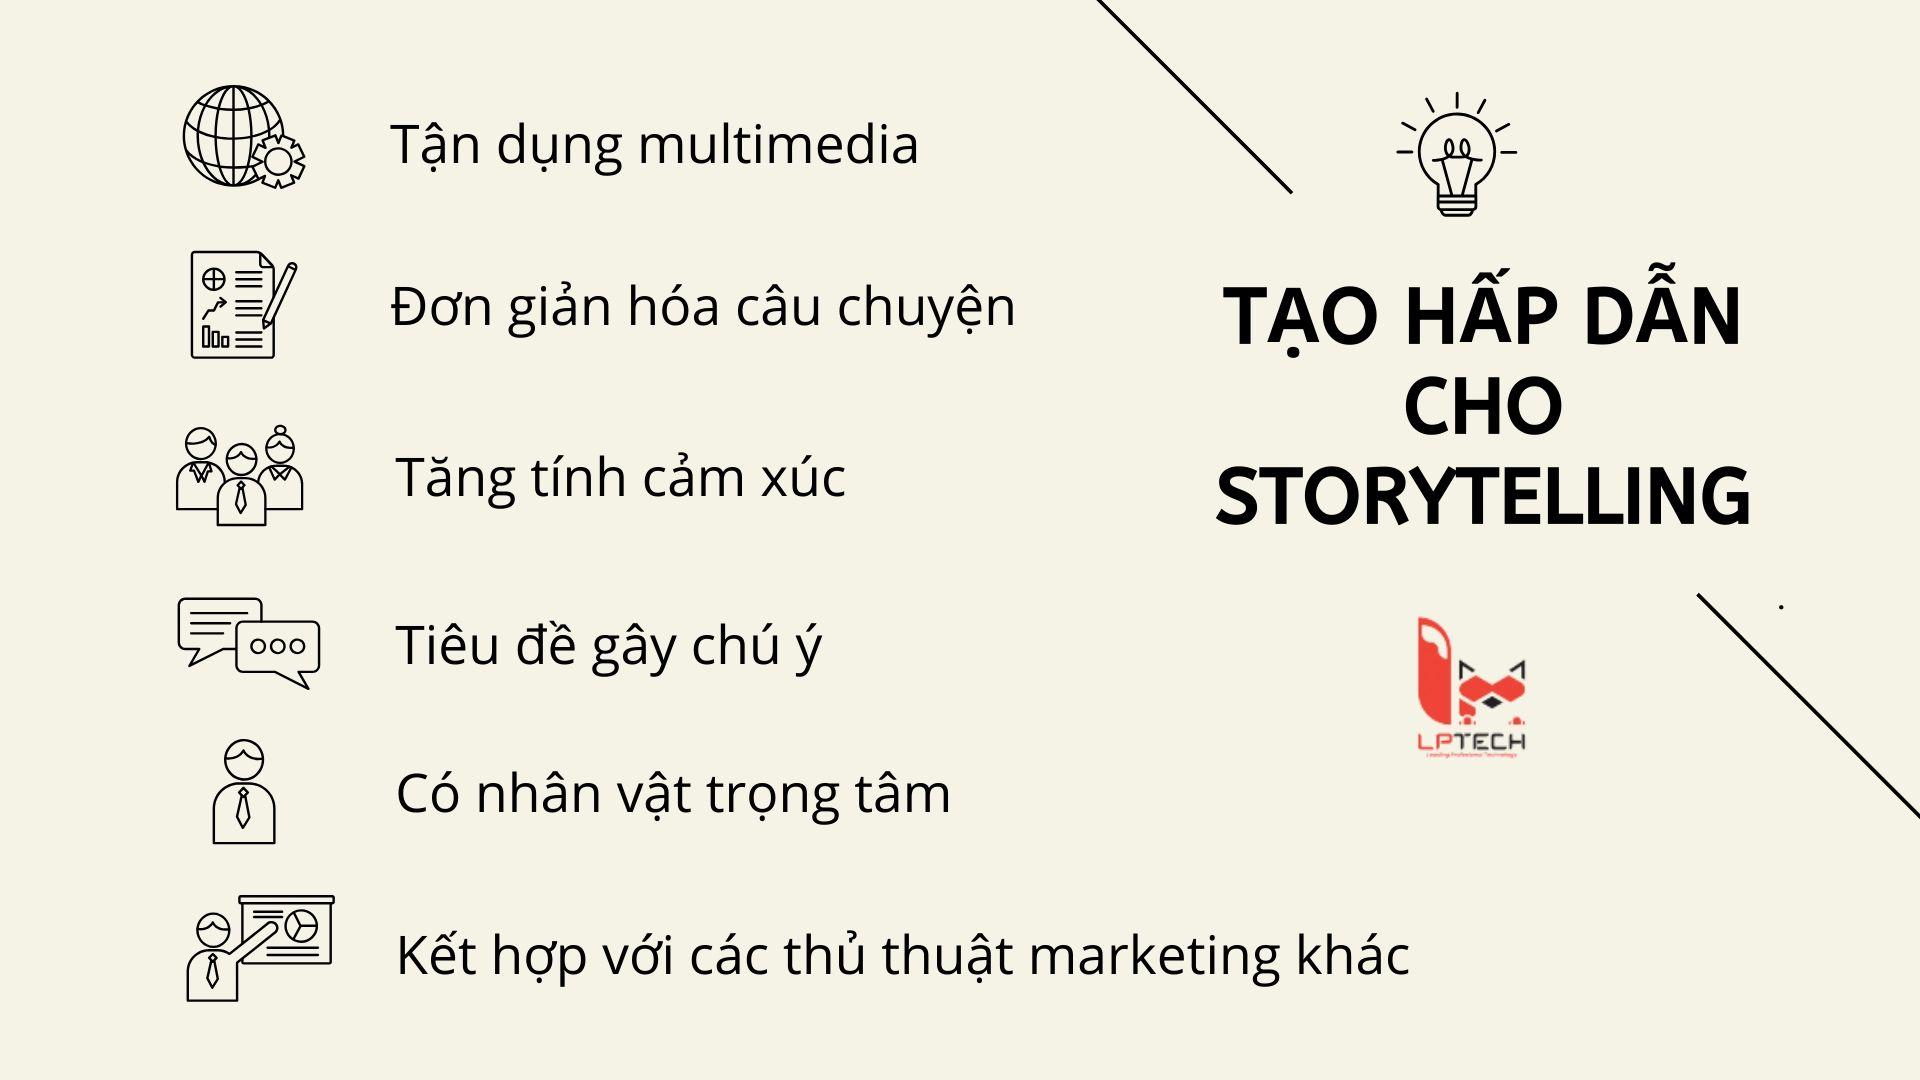 Làm sao để viết storytelling hấp dẫn